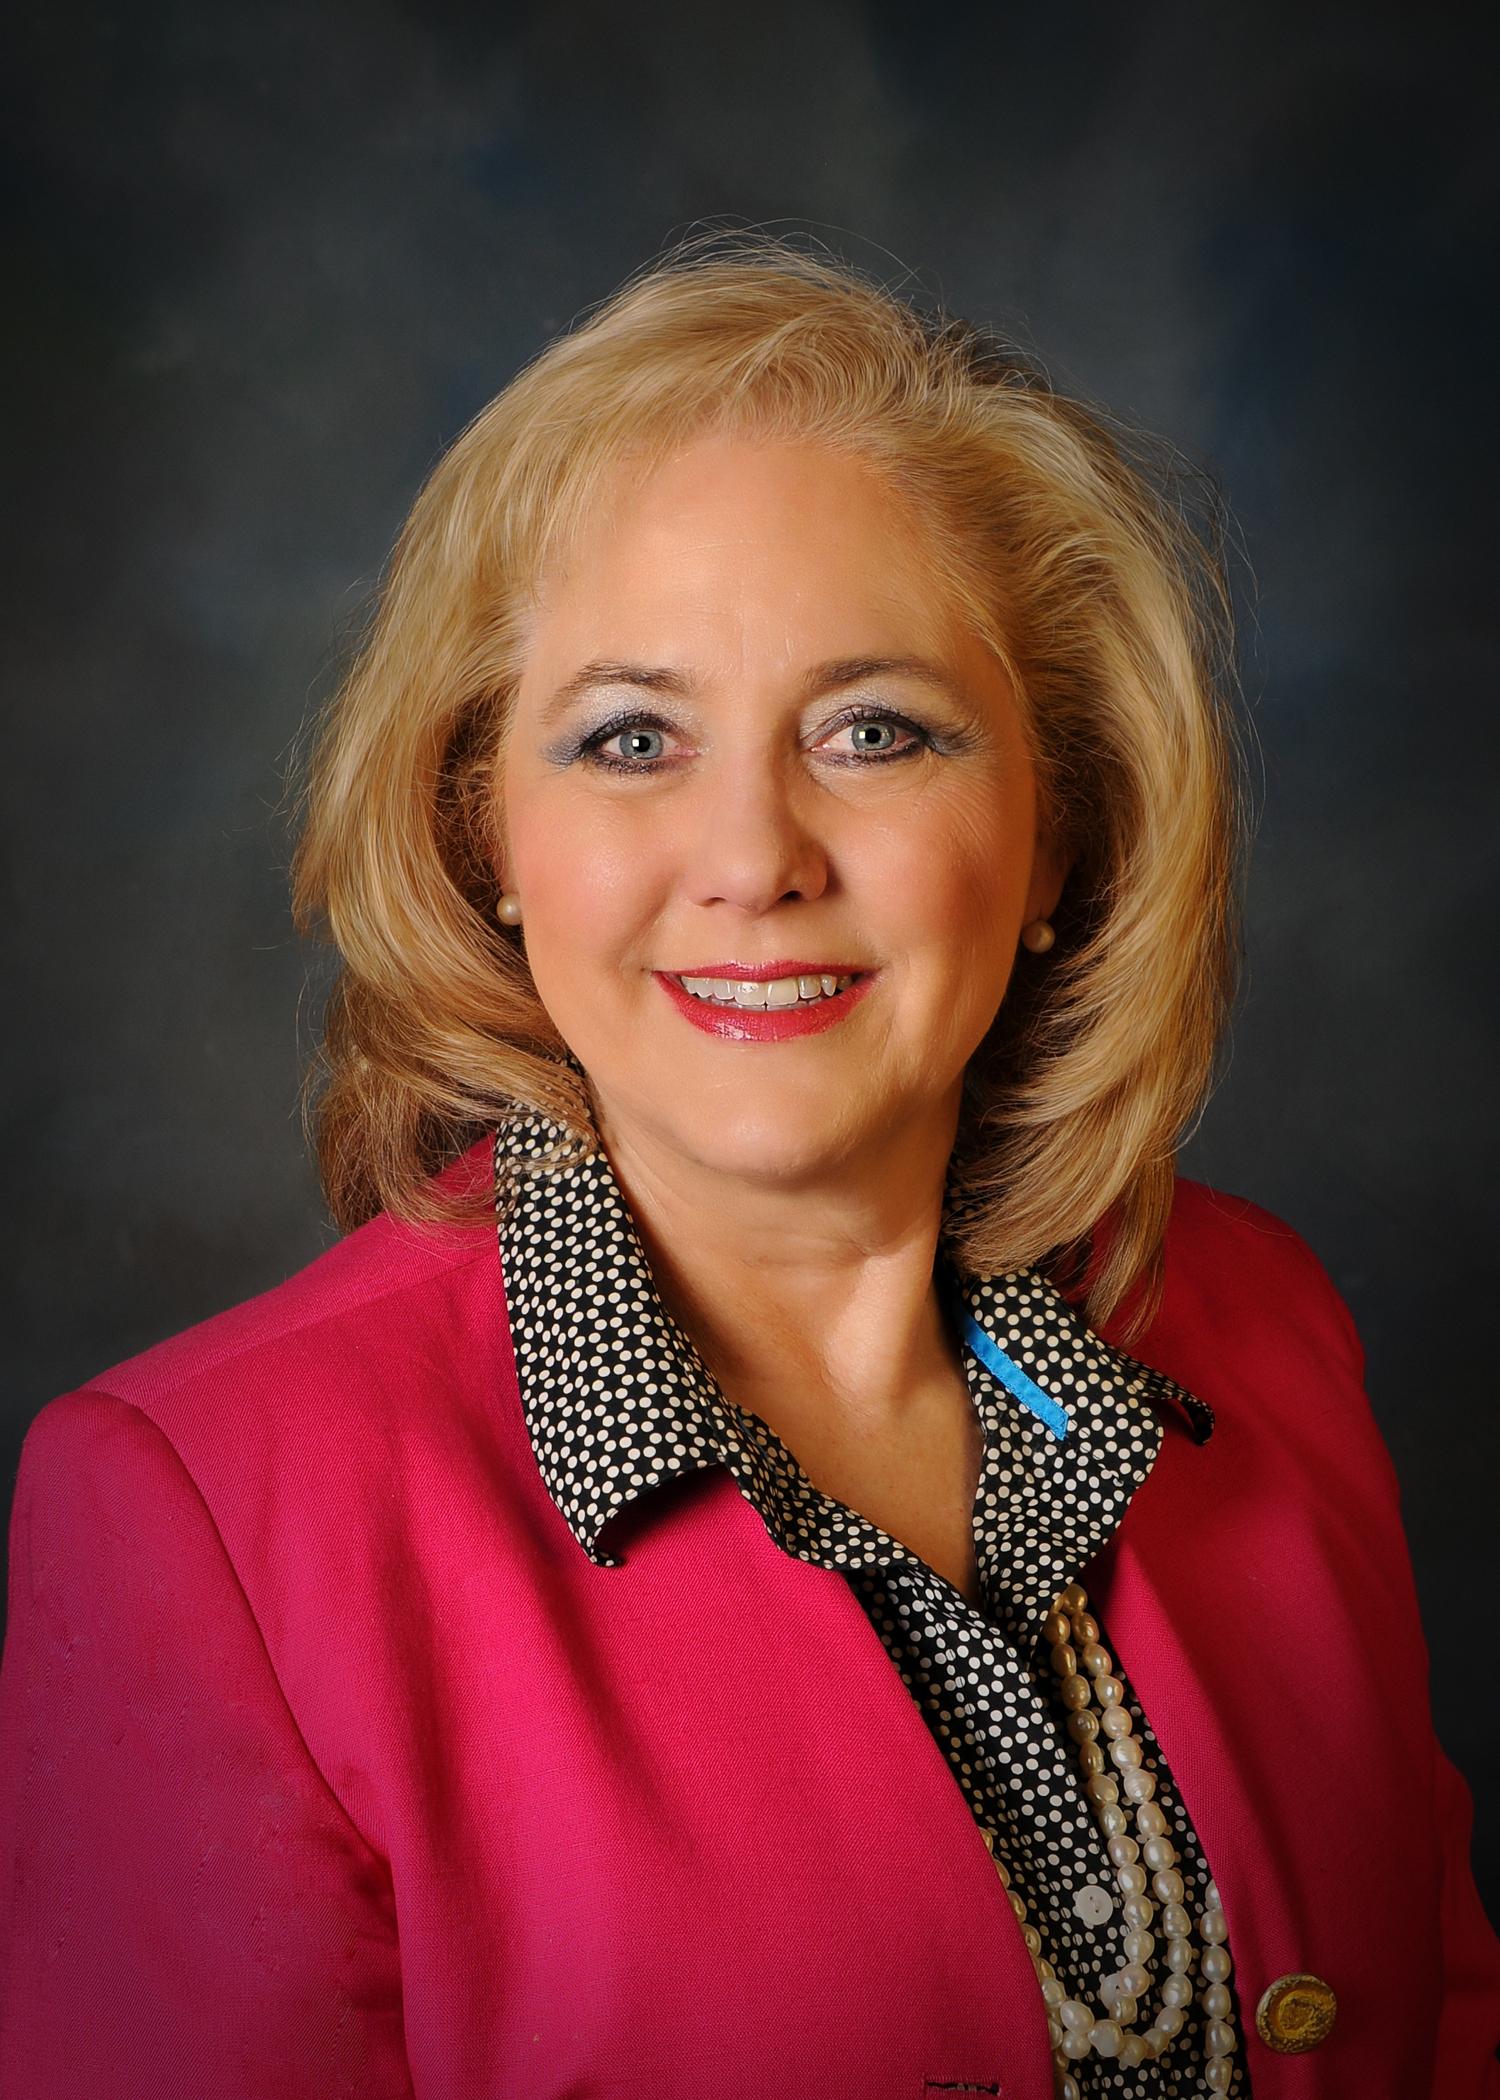 Kara Ganer, PNP, BC - Medical Adviser